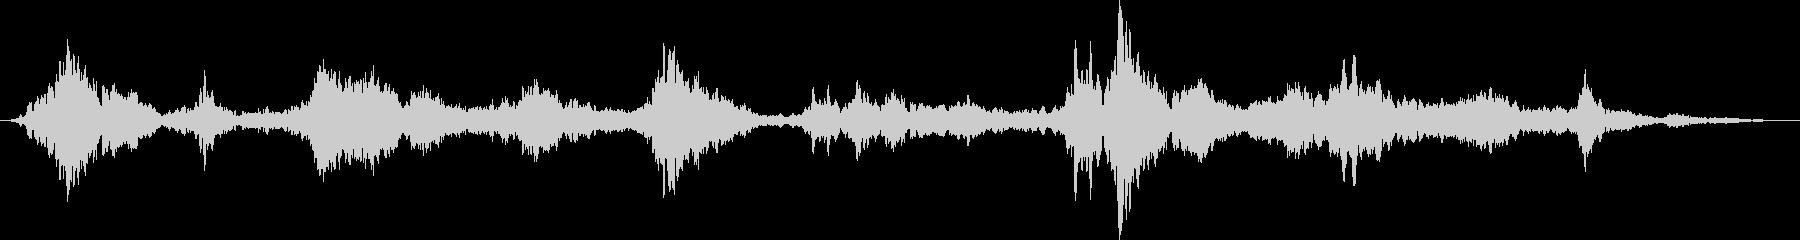 ライトカスケードミュージカルドロー...の未再生の波形